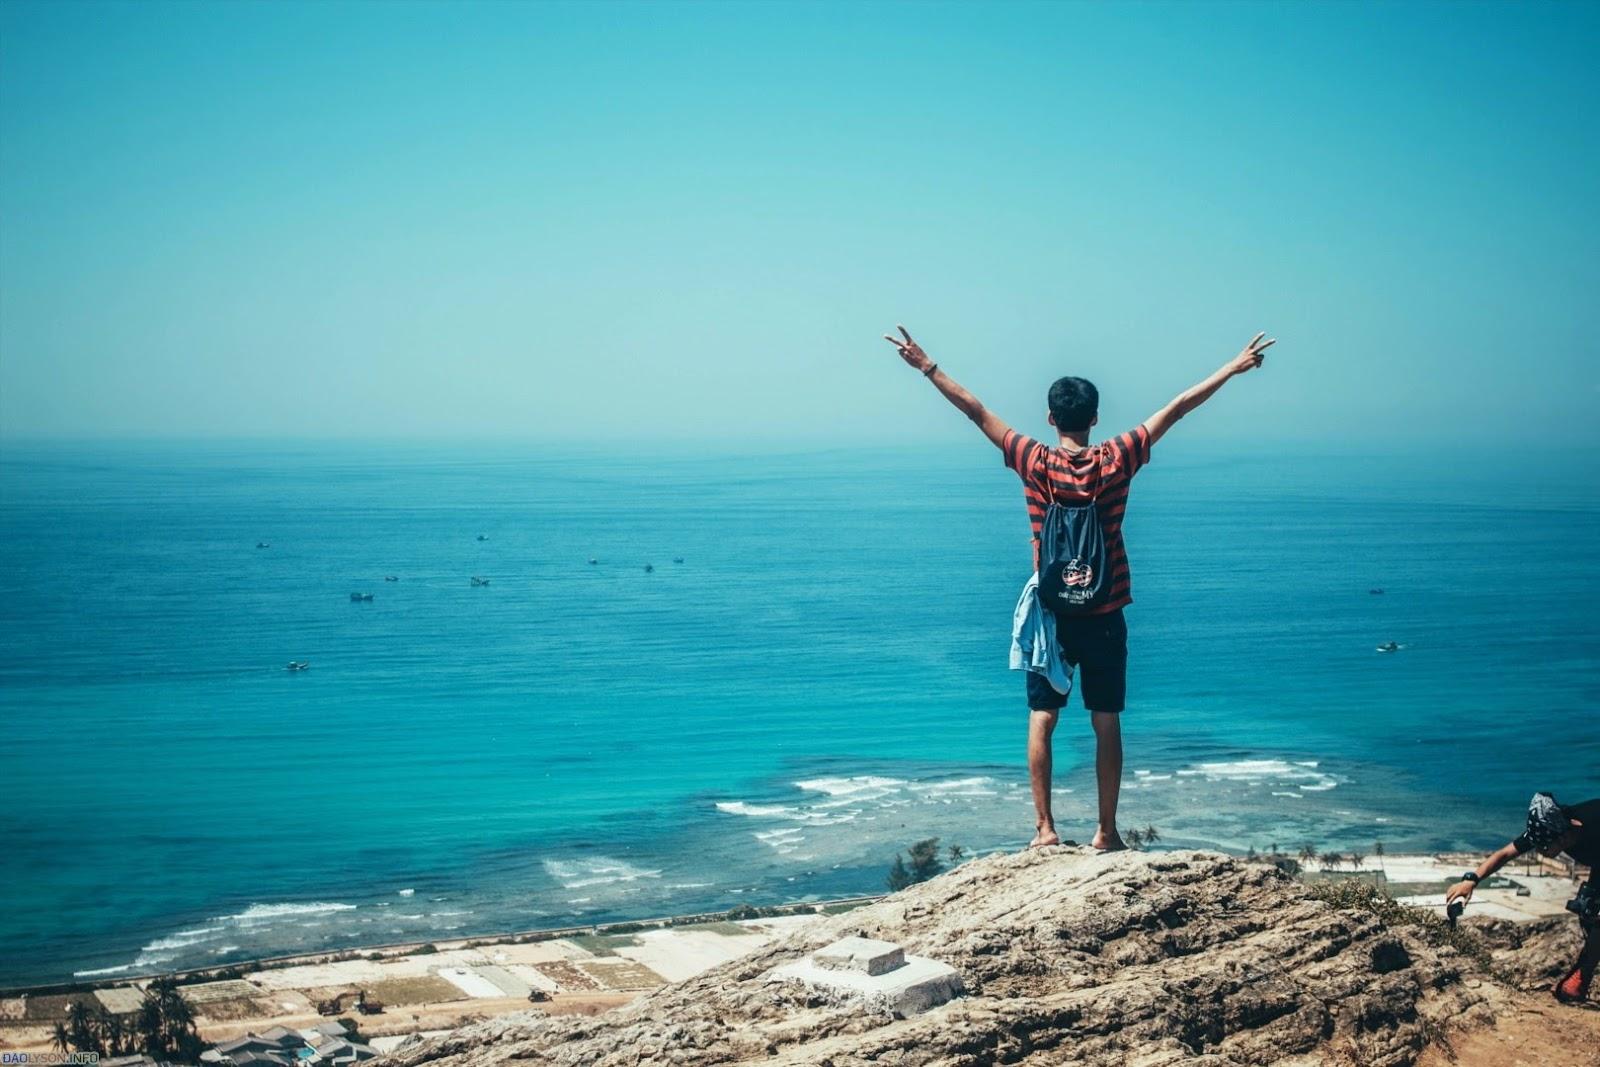 Đây là hình ảnh Phượt Đảo Lý Sơn tổng hợp lại gởi đến các bạn ngắm trai lạ và đẹp nhé. Cùng xem qua nào :D